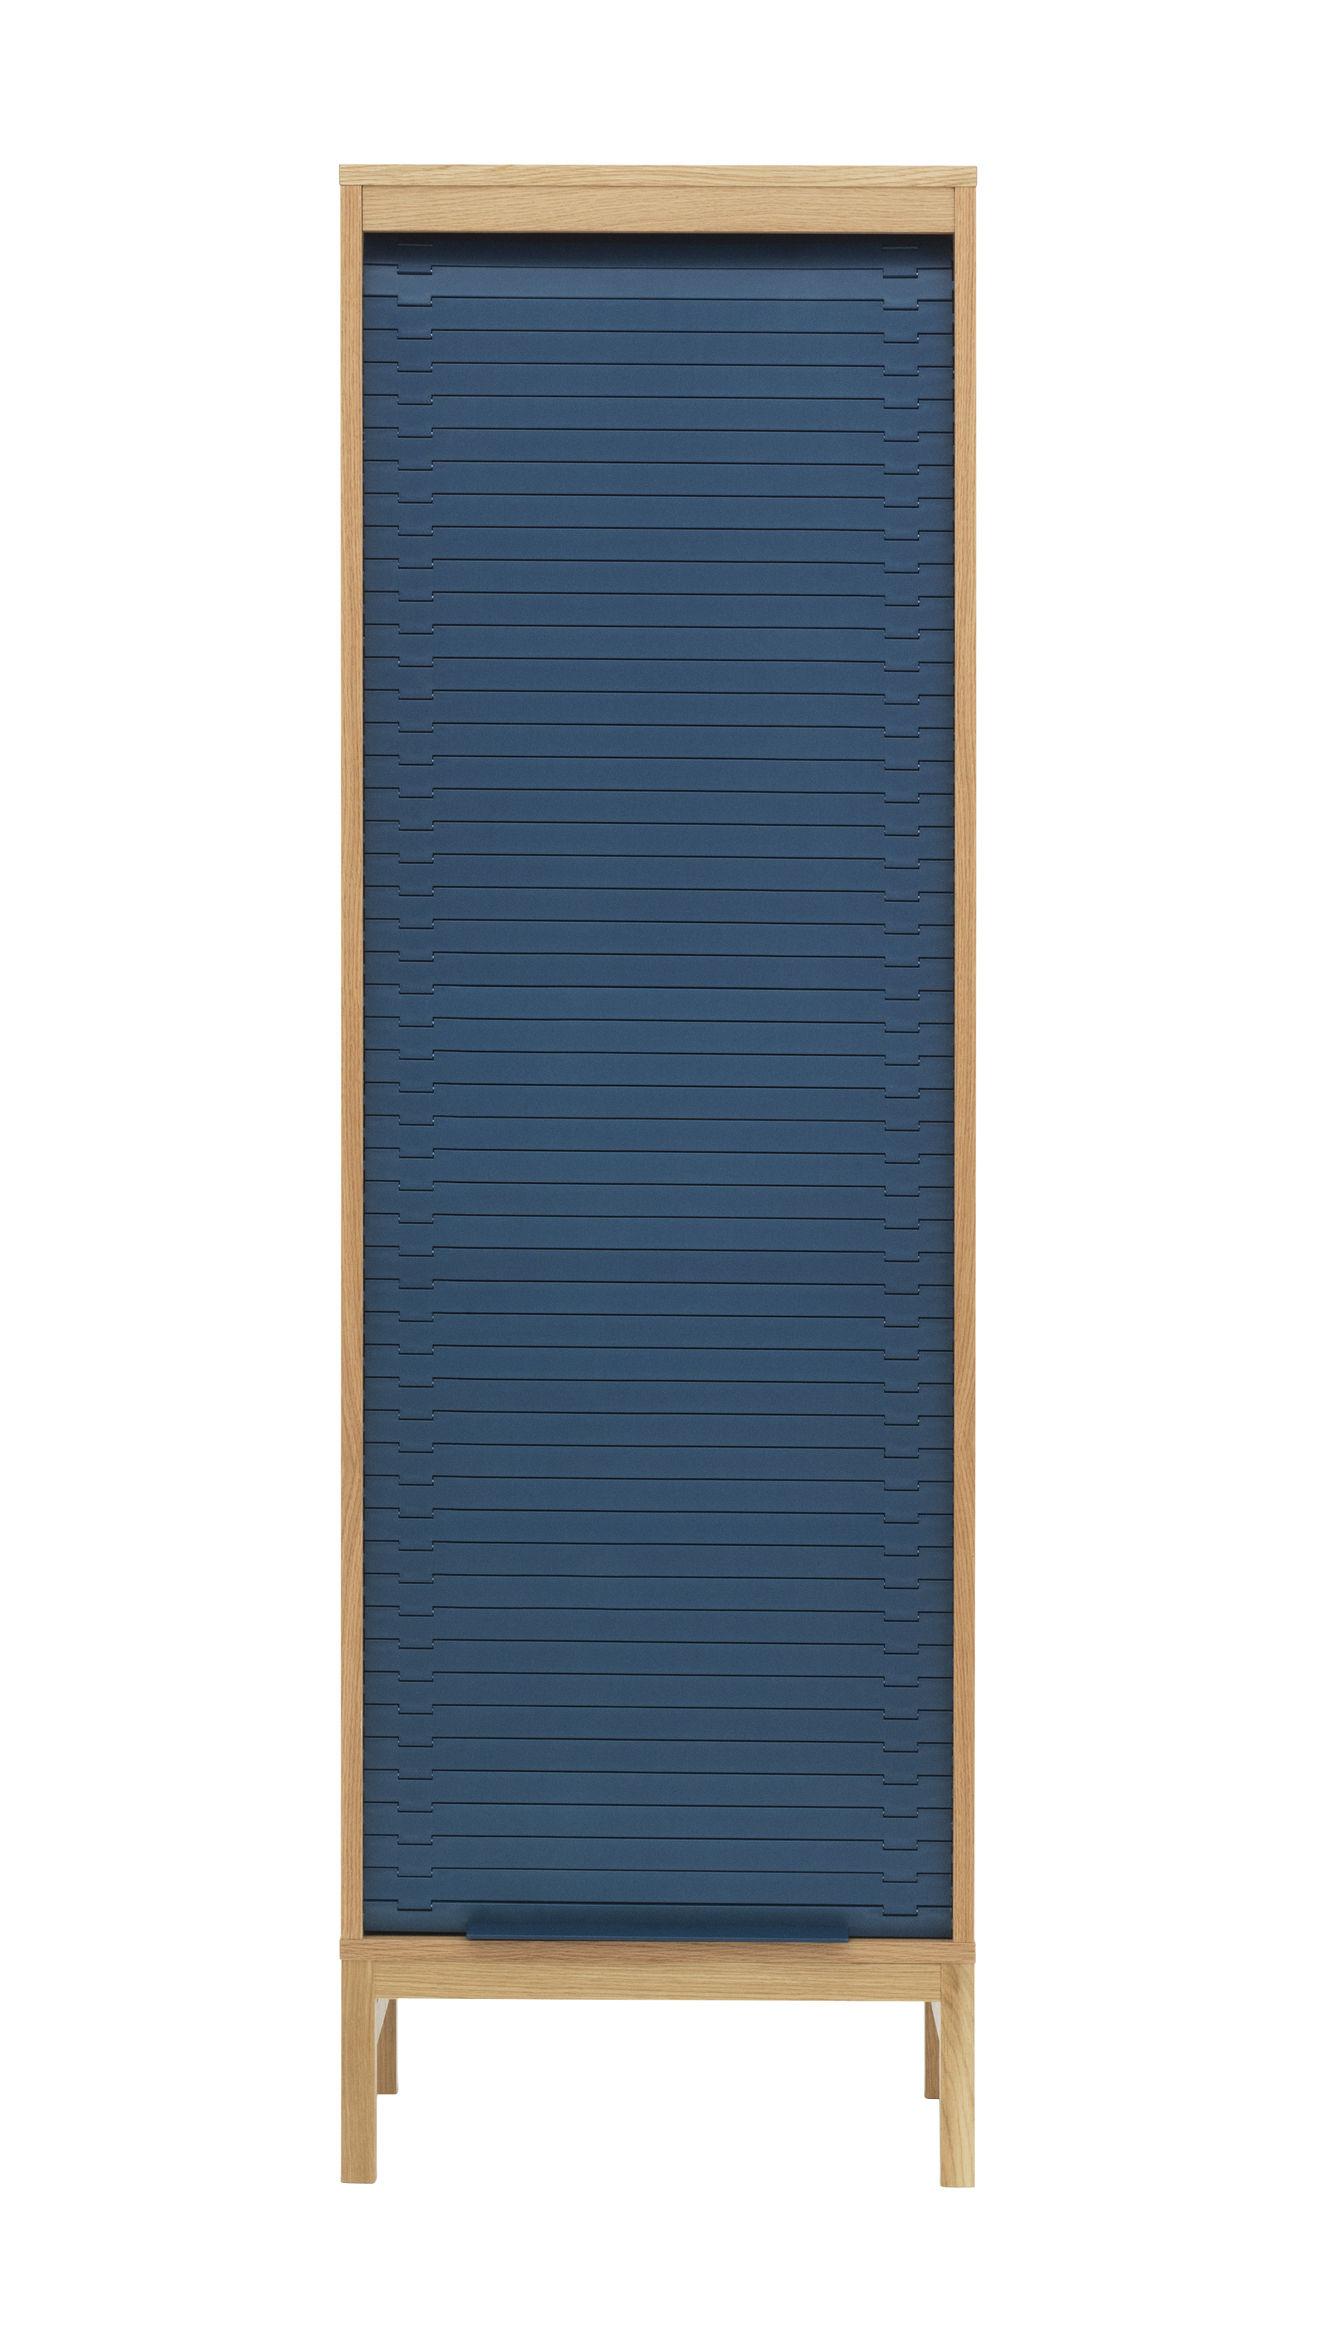 Arredamento - Raccoglitori - Cassettiera Jalousi Haut - / H 180 cm -  Legno & tenda plastica di Normann Copenhagen - Blu scuro / Legno - MDF rivestito in rovere, Plastica, Rovere massello